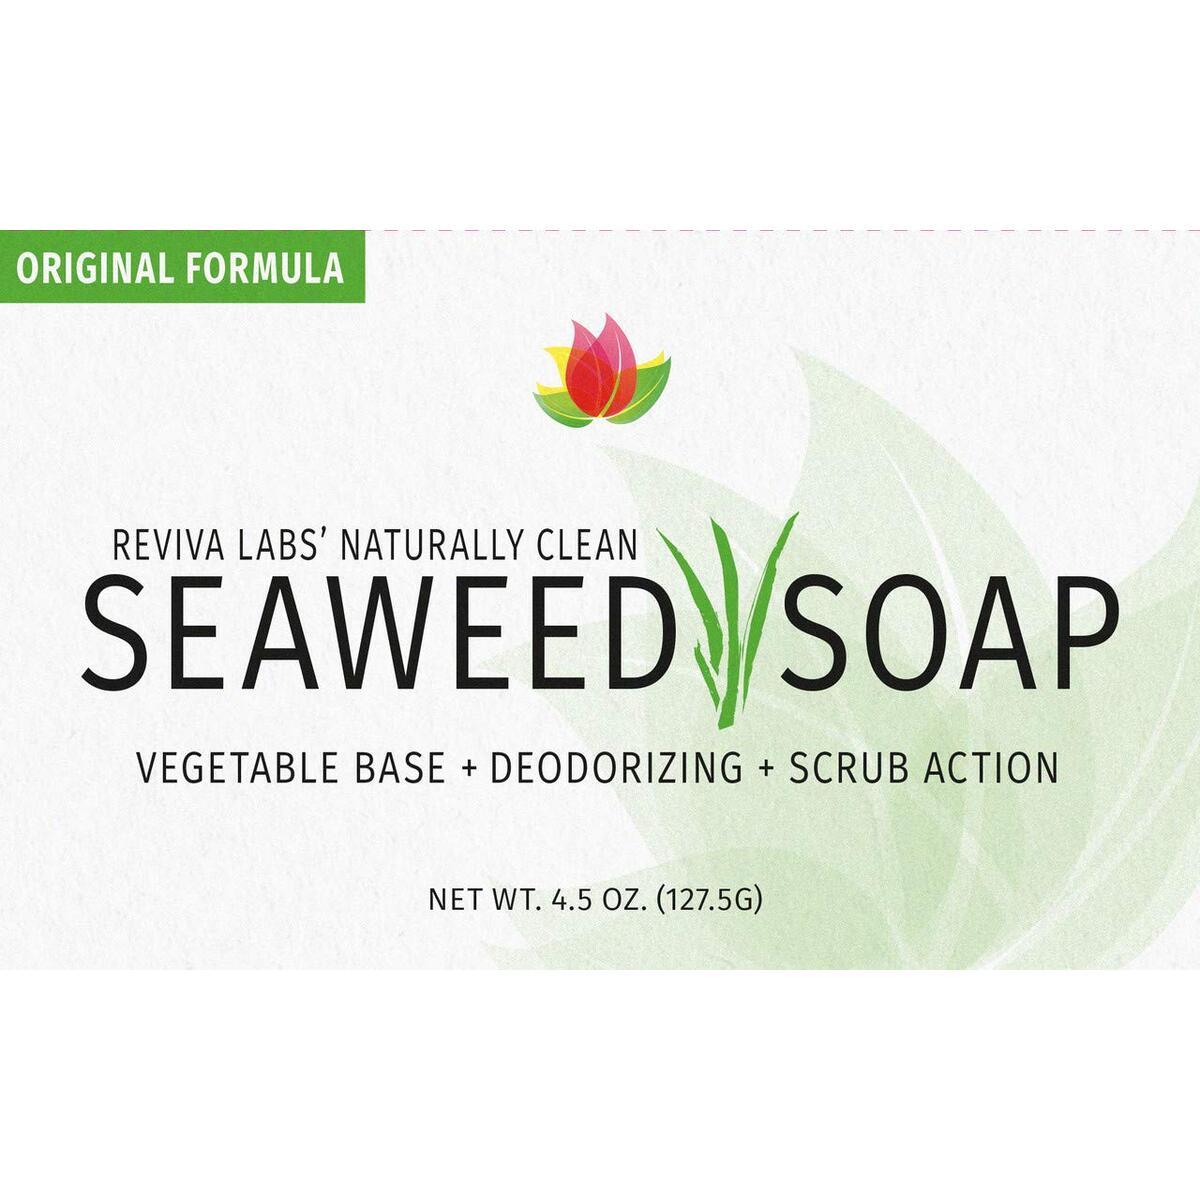 Reviva Original Formula Seaweed Soap